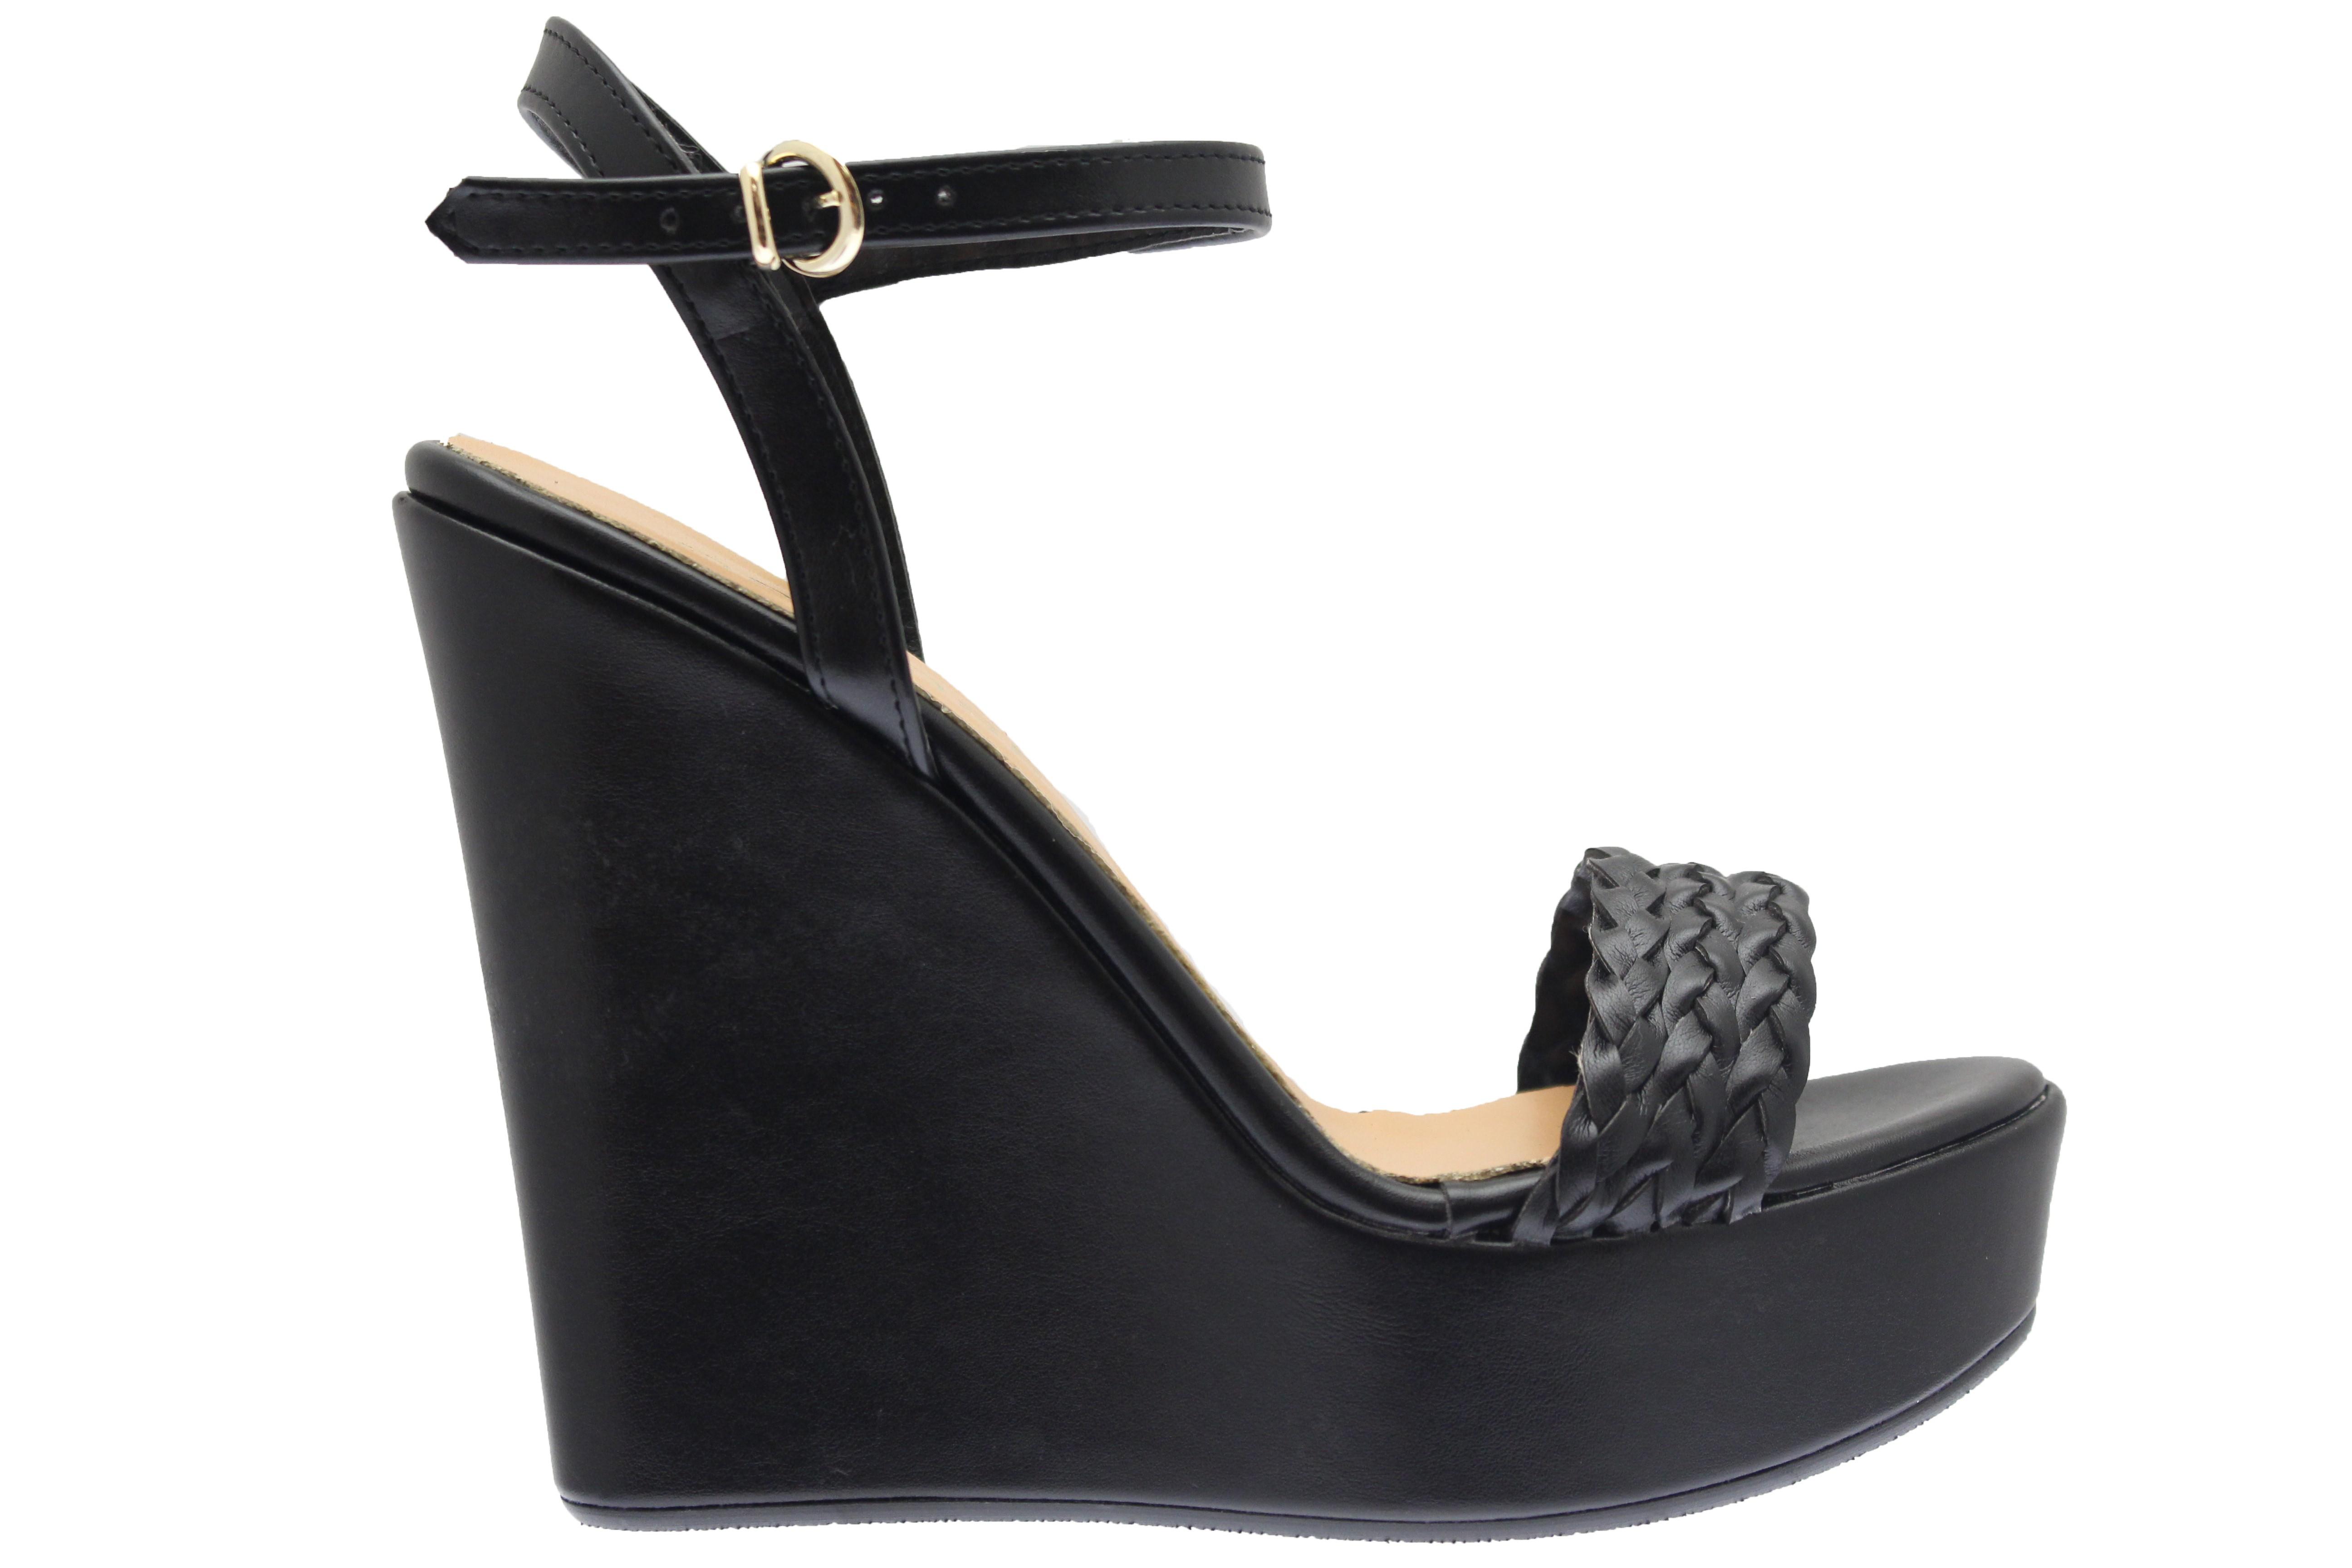 f255636781af Classe & élégance même en compensée femme signée OSMOSE shoes paris